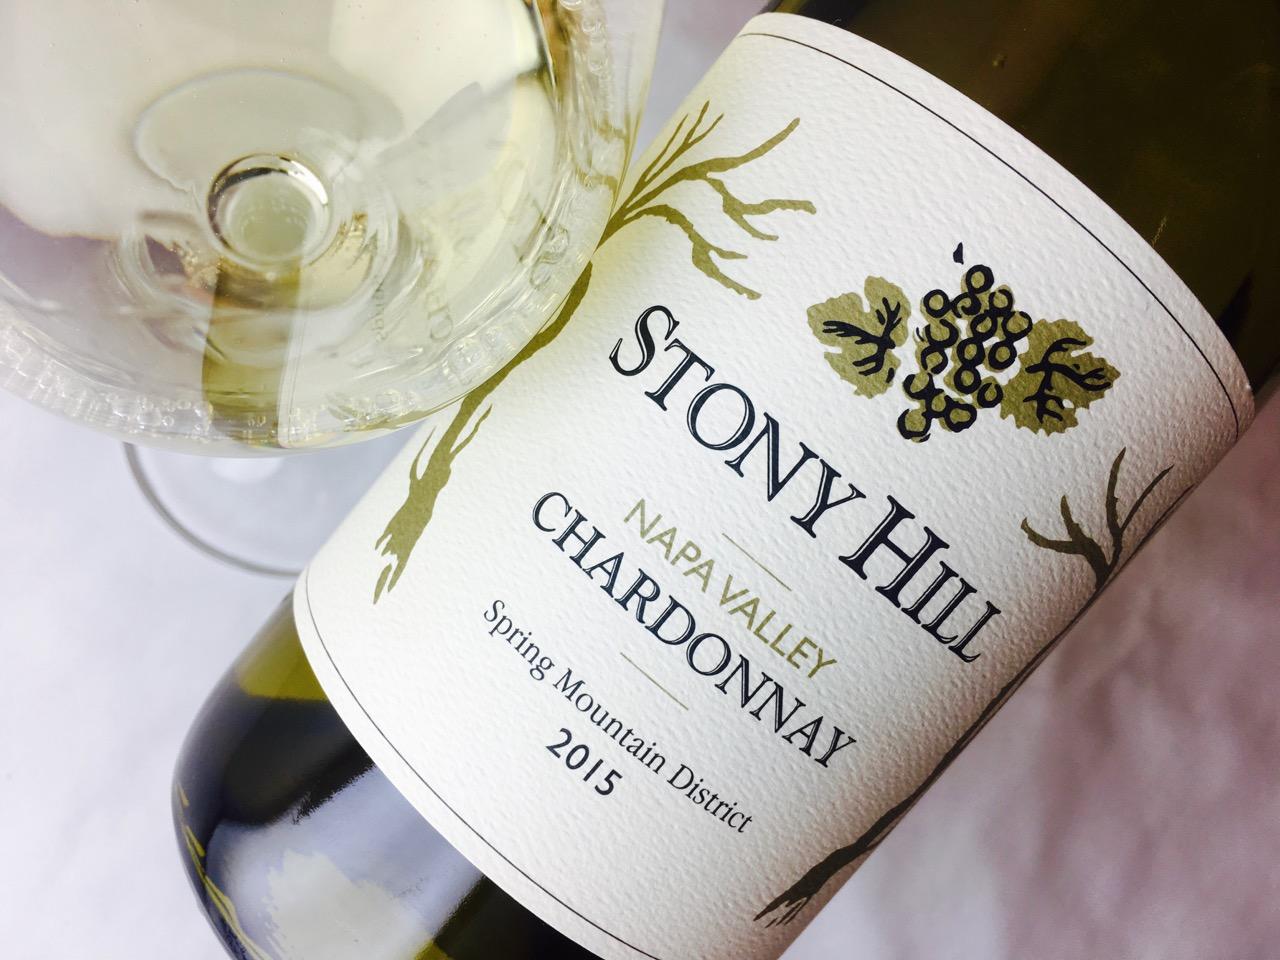 2015 Stony Hill Chardonnay Spring Mountain Napa Valley